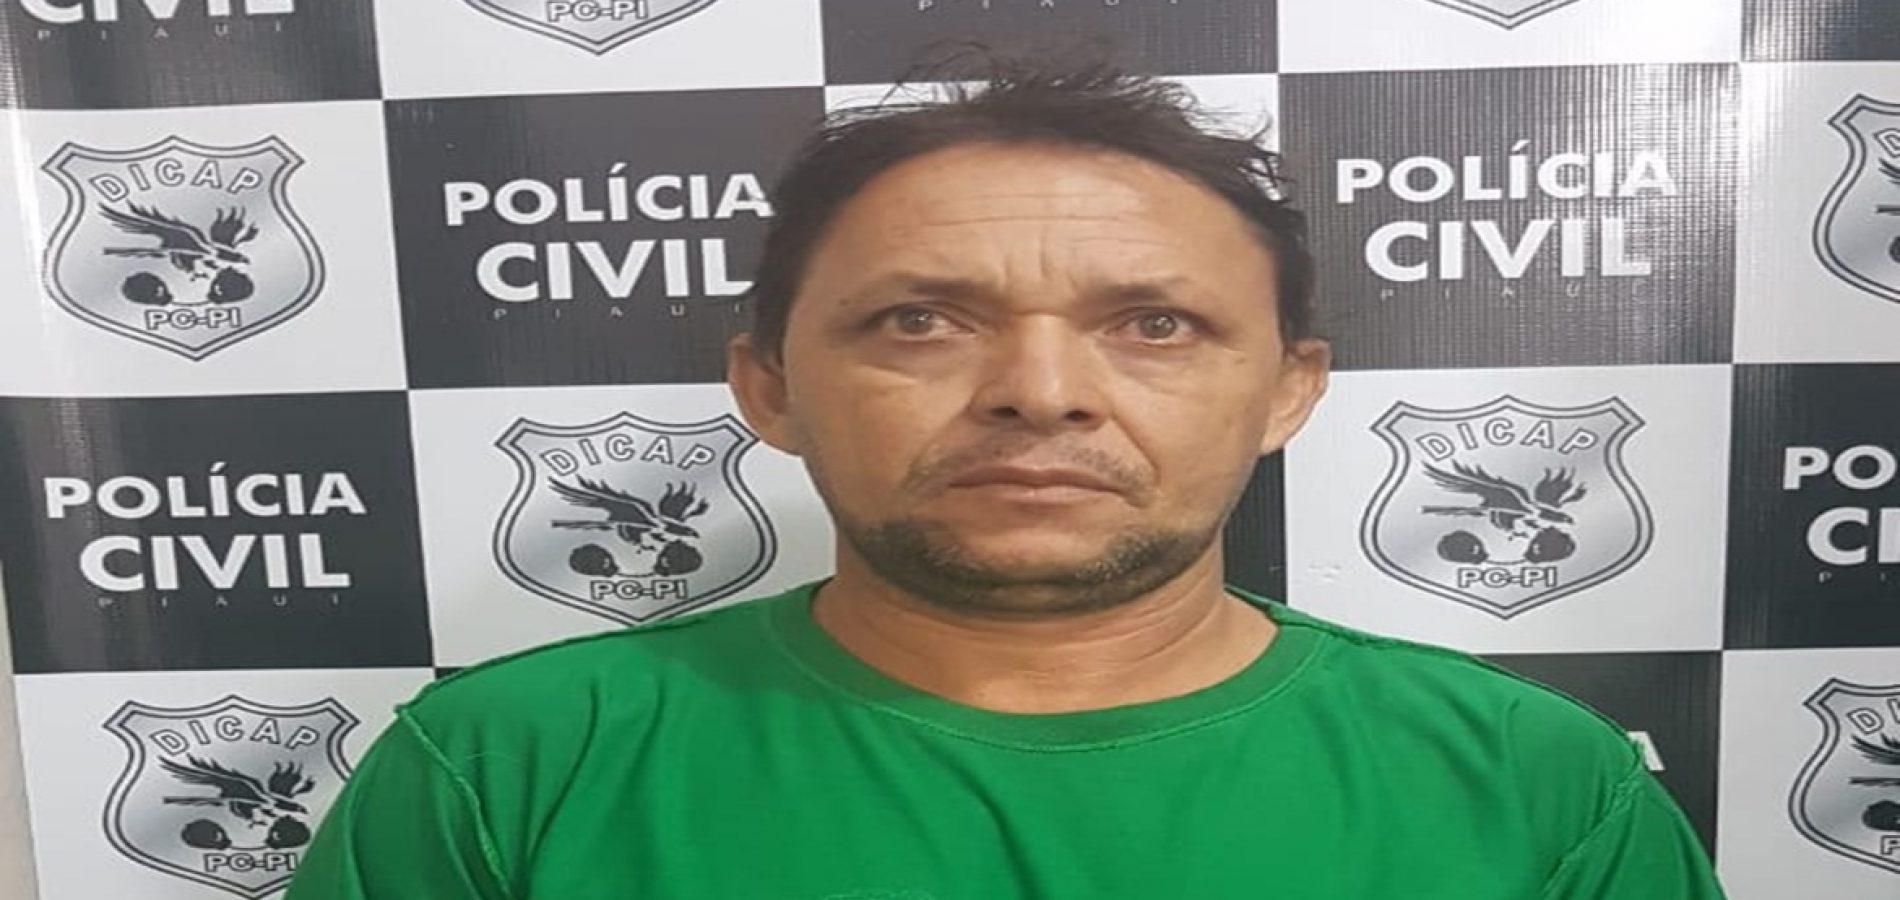 Sócio de gráfica é preso por falsificar documento de prefeitura no Piauí